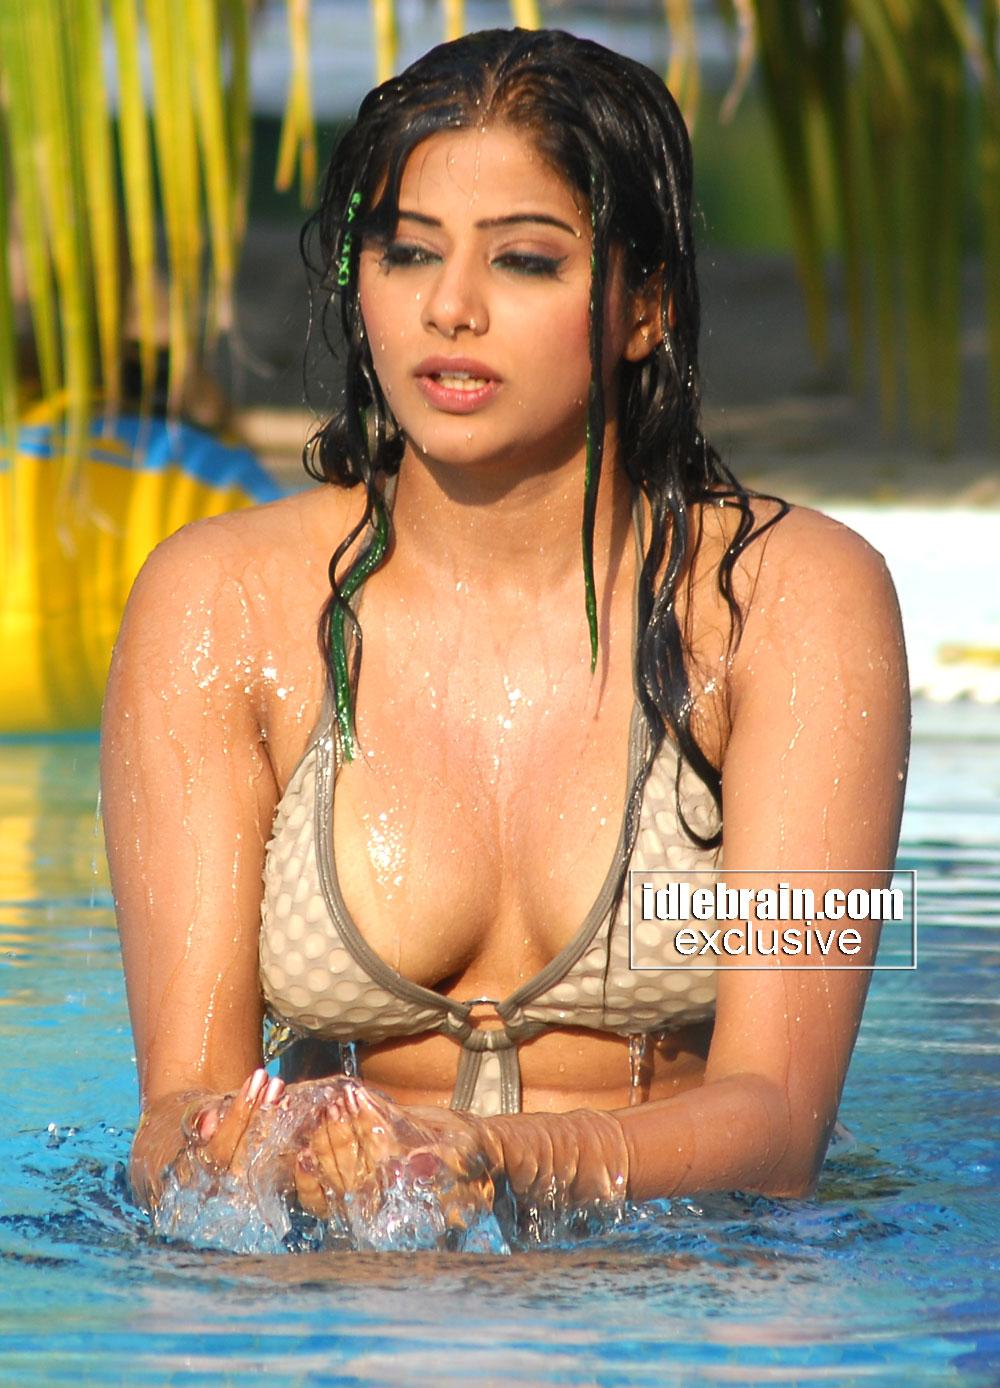 Indian nud teen nud girl image gallary nude thumbs